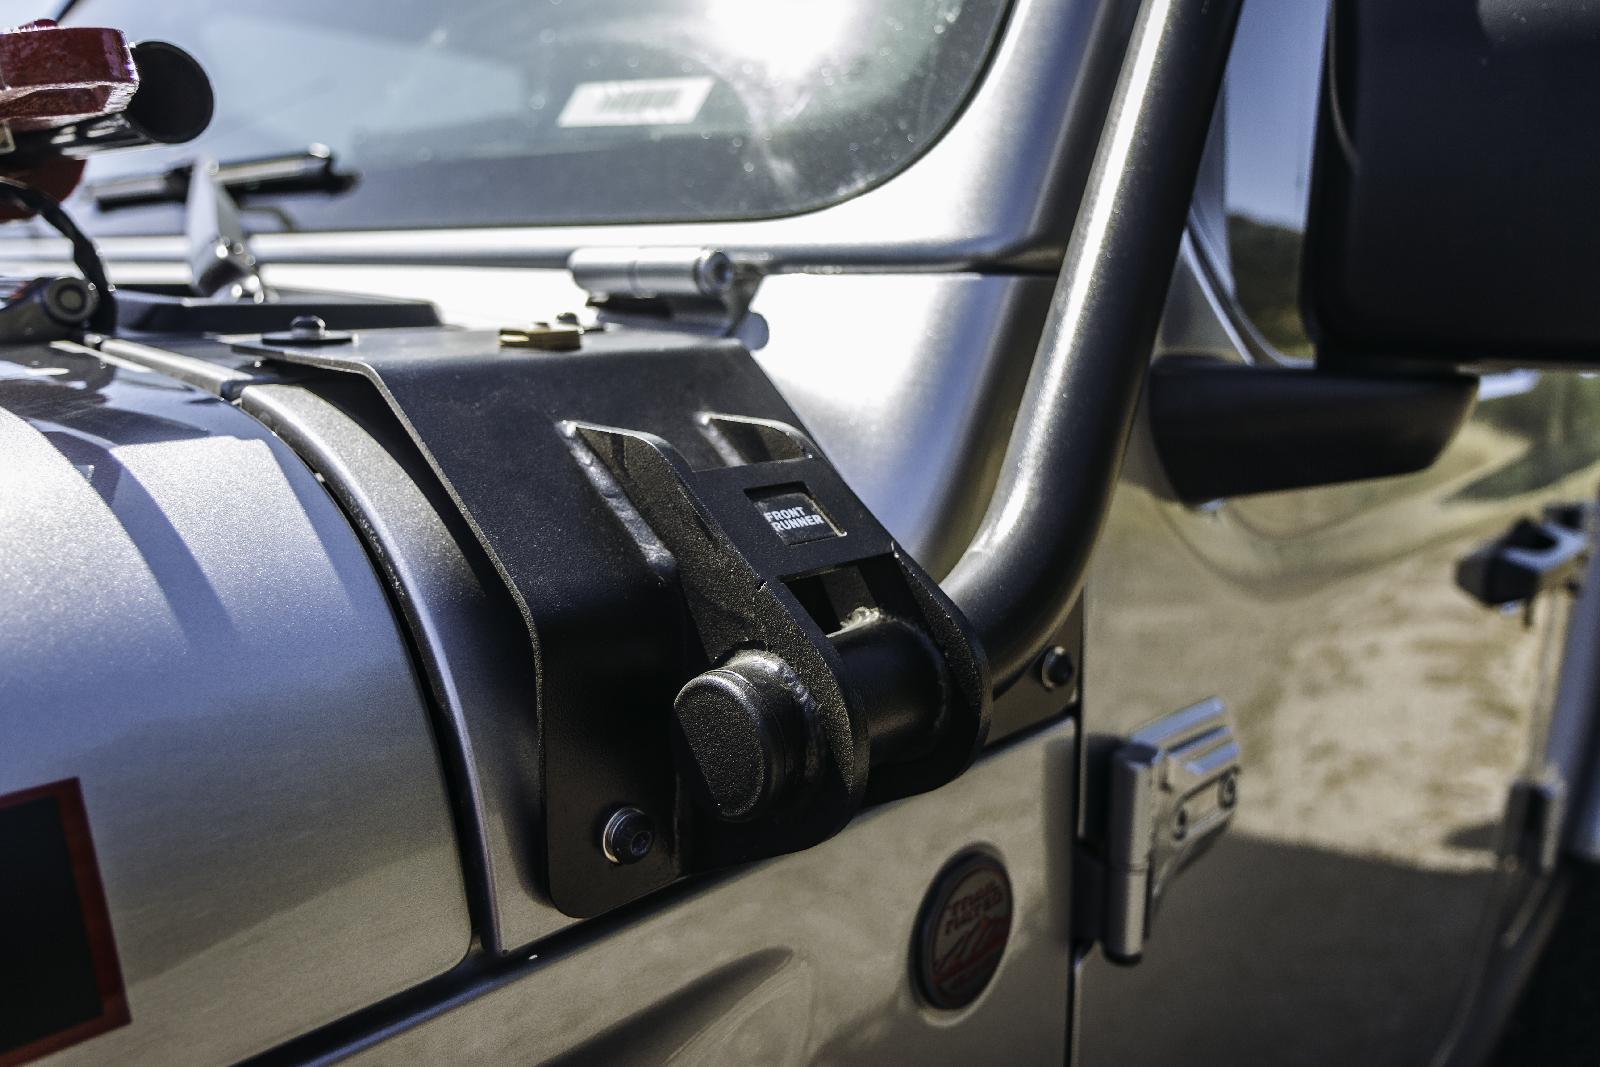 Front Runner Dachgepäckträger Jeep Wrangler JLU - Die Last stützt sich auf der Karosse ab, nicht nur auf dem Dach.